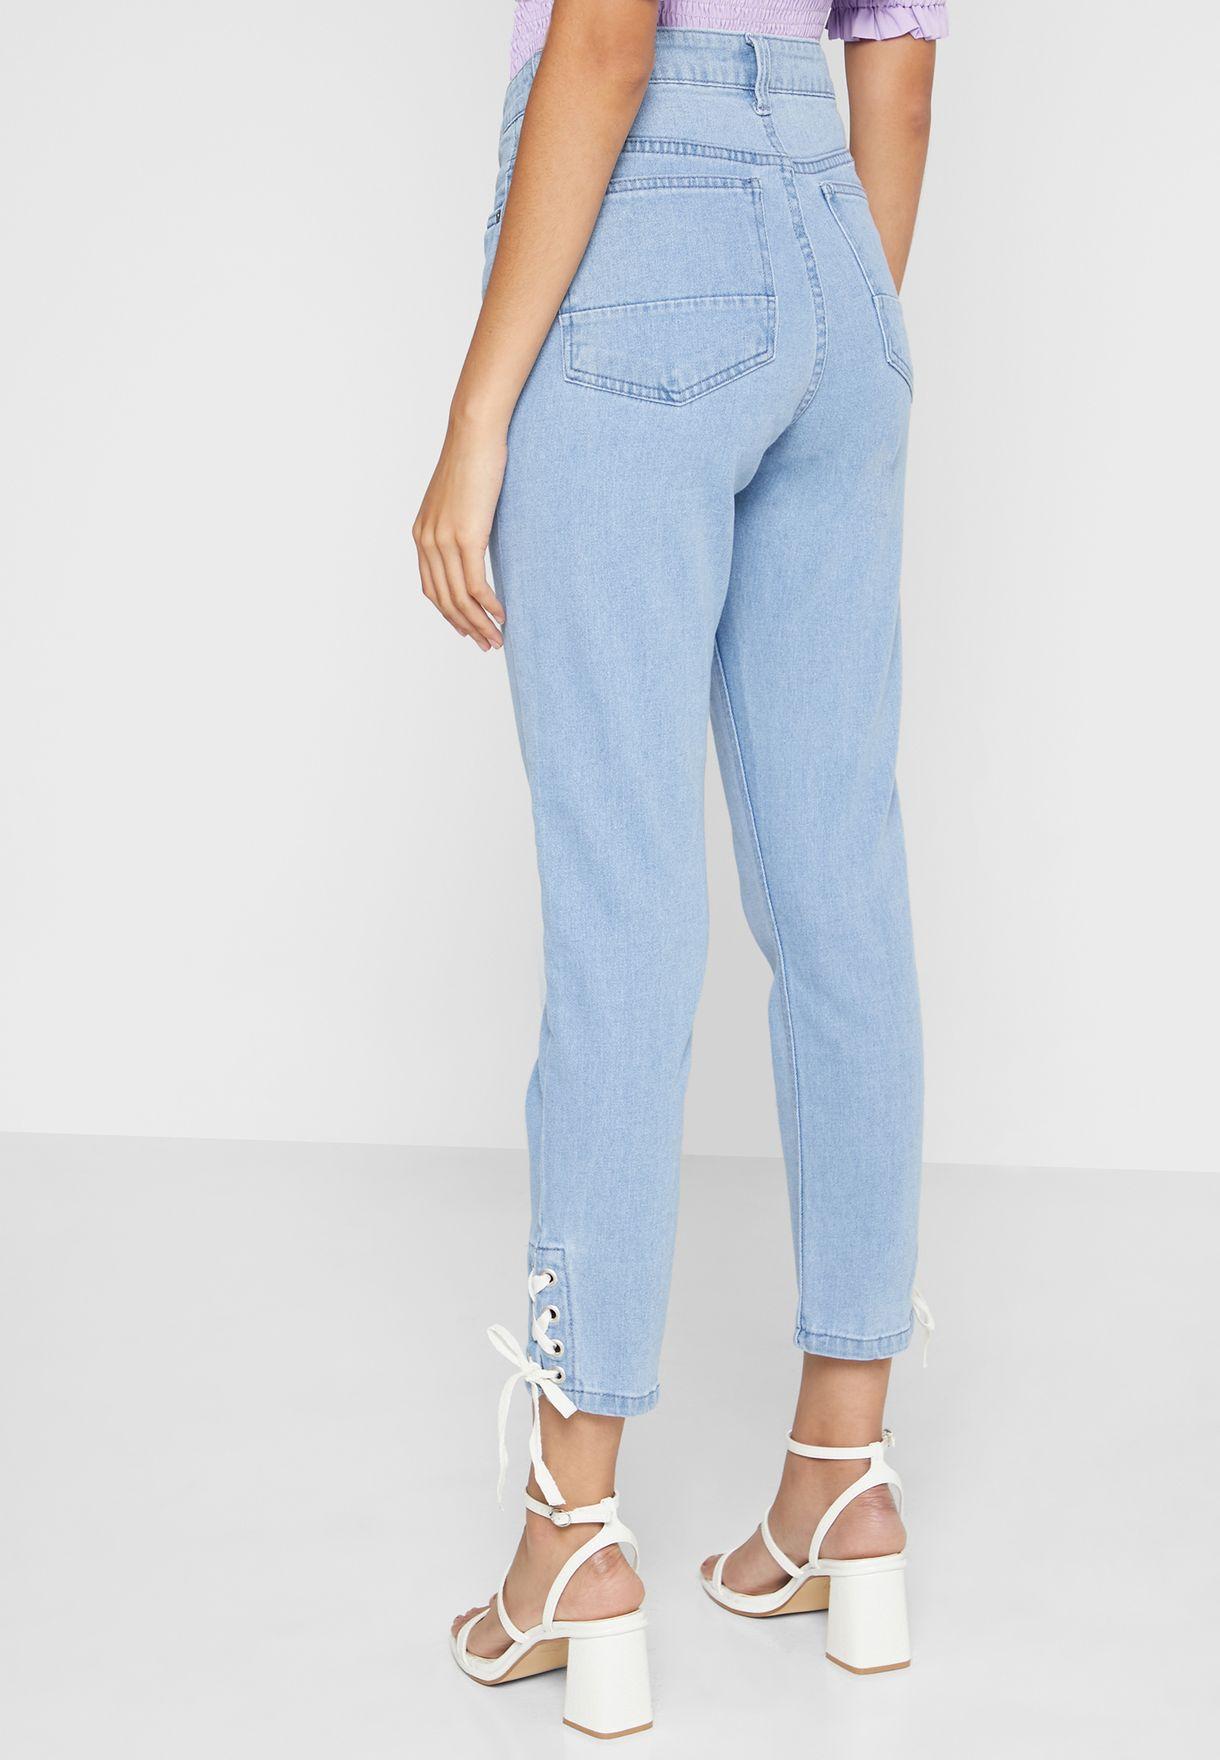 Eyelet Tie Detail Jeans